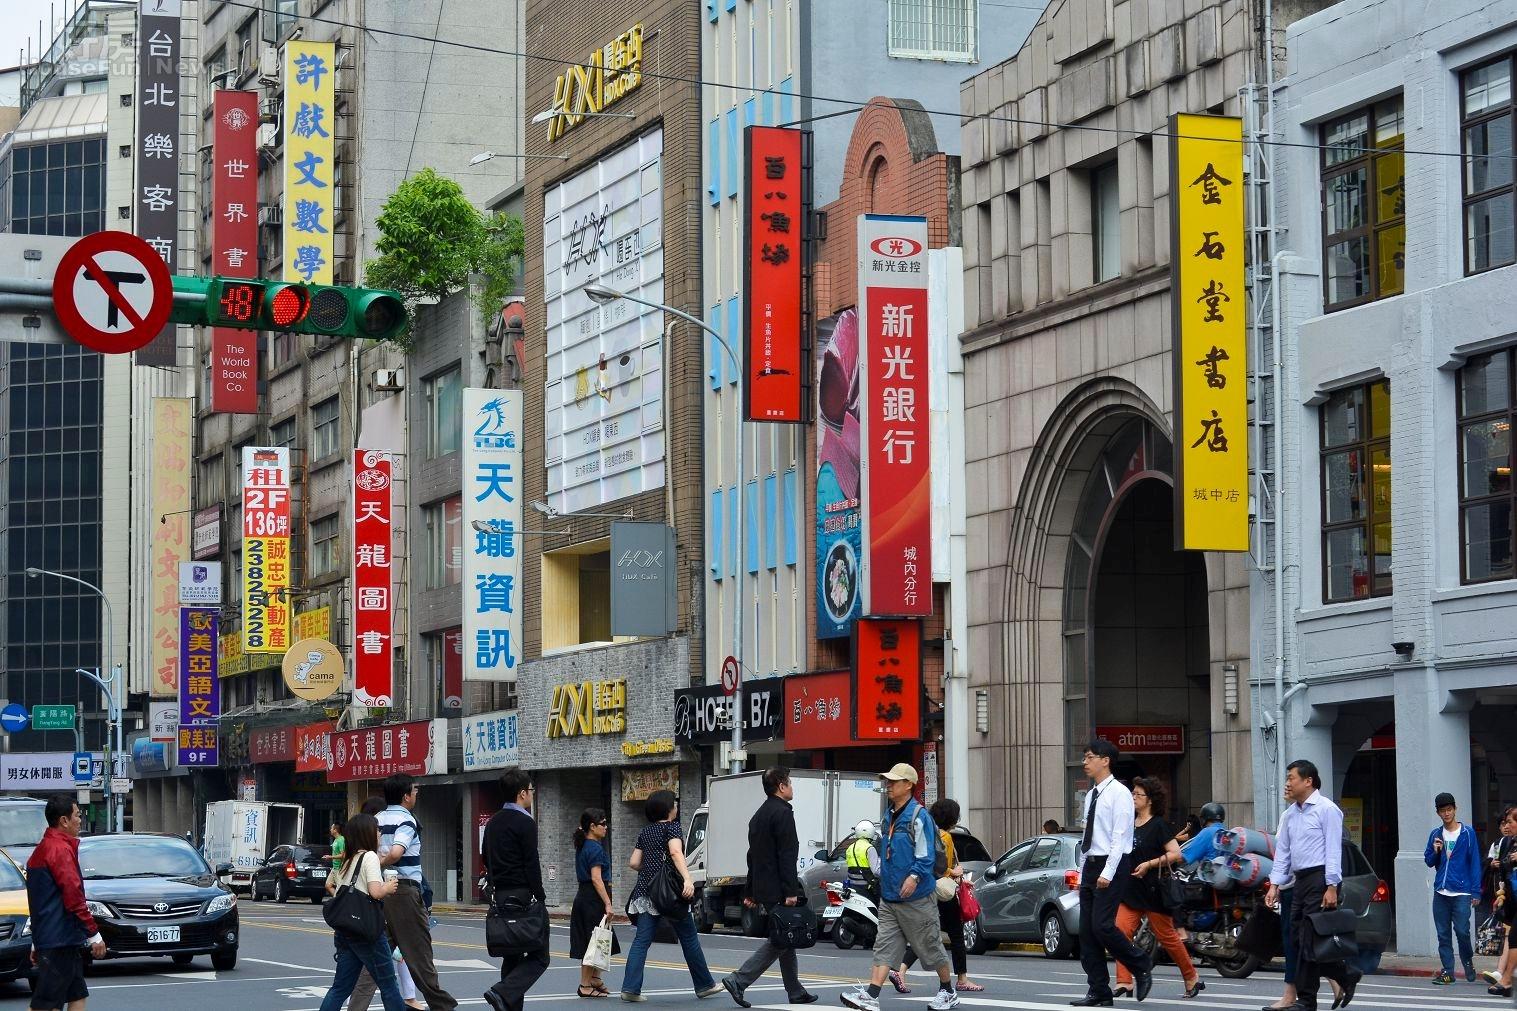 重慶南路一段老舊商辦人潮街景,老舊店面。(好房News記者 陳韋帆/攝影)